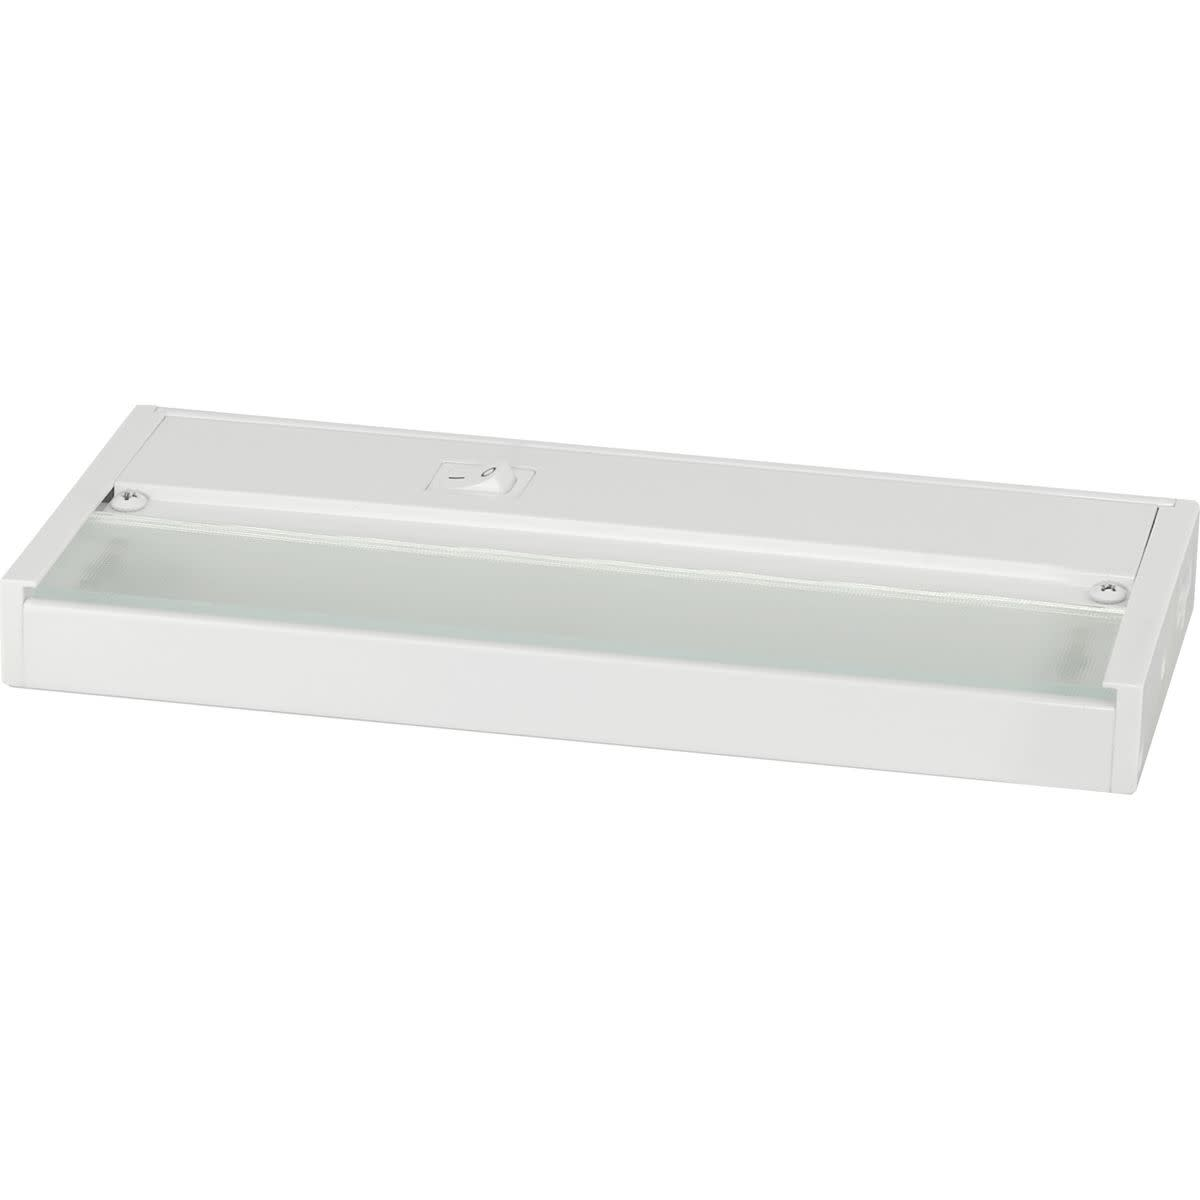 Led 15 Watt 12 Inch Linkable Undercabinet Strip Light: Progress Lighting P7002-LED LED Under Cabinet Light Bar